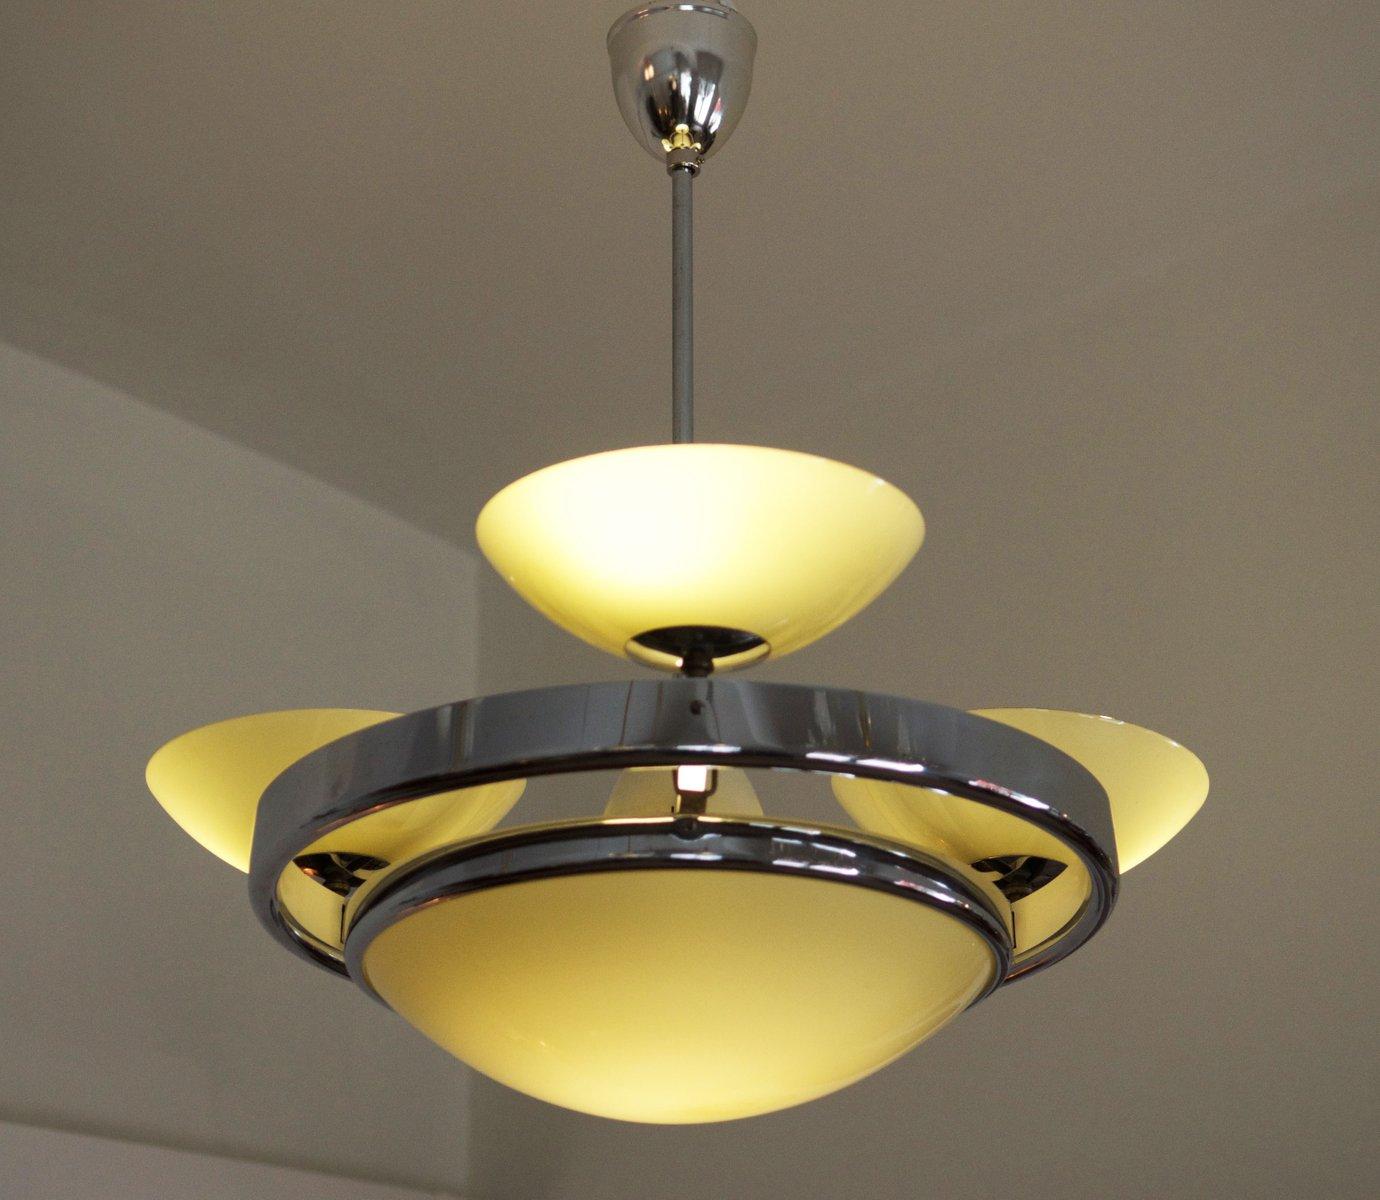 art d co streamline lampe deutschland bei pamono kaufen. Black Bedroom Furniture Sets. Home Design Ideas